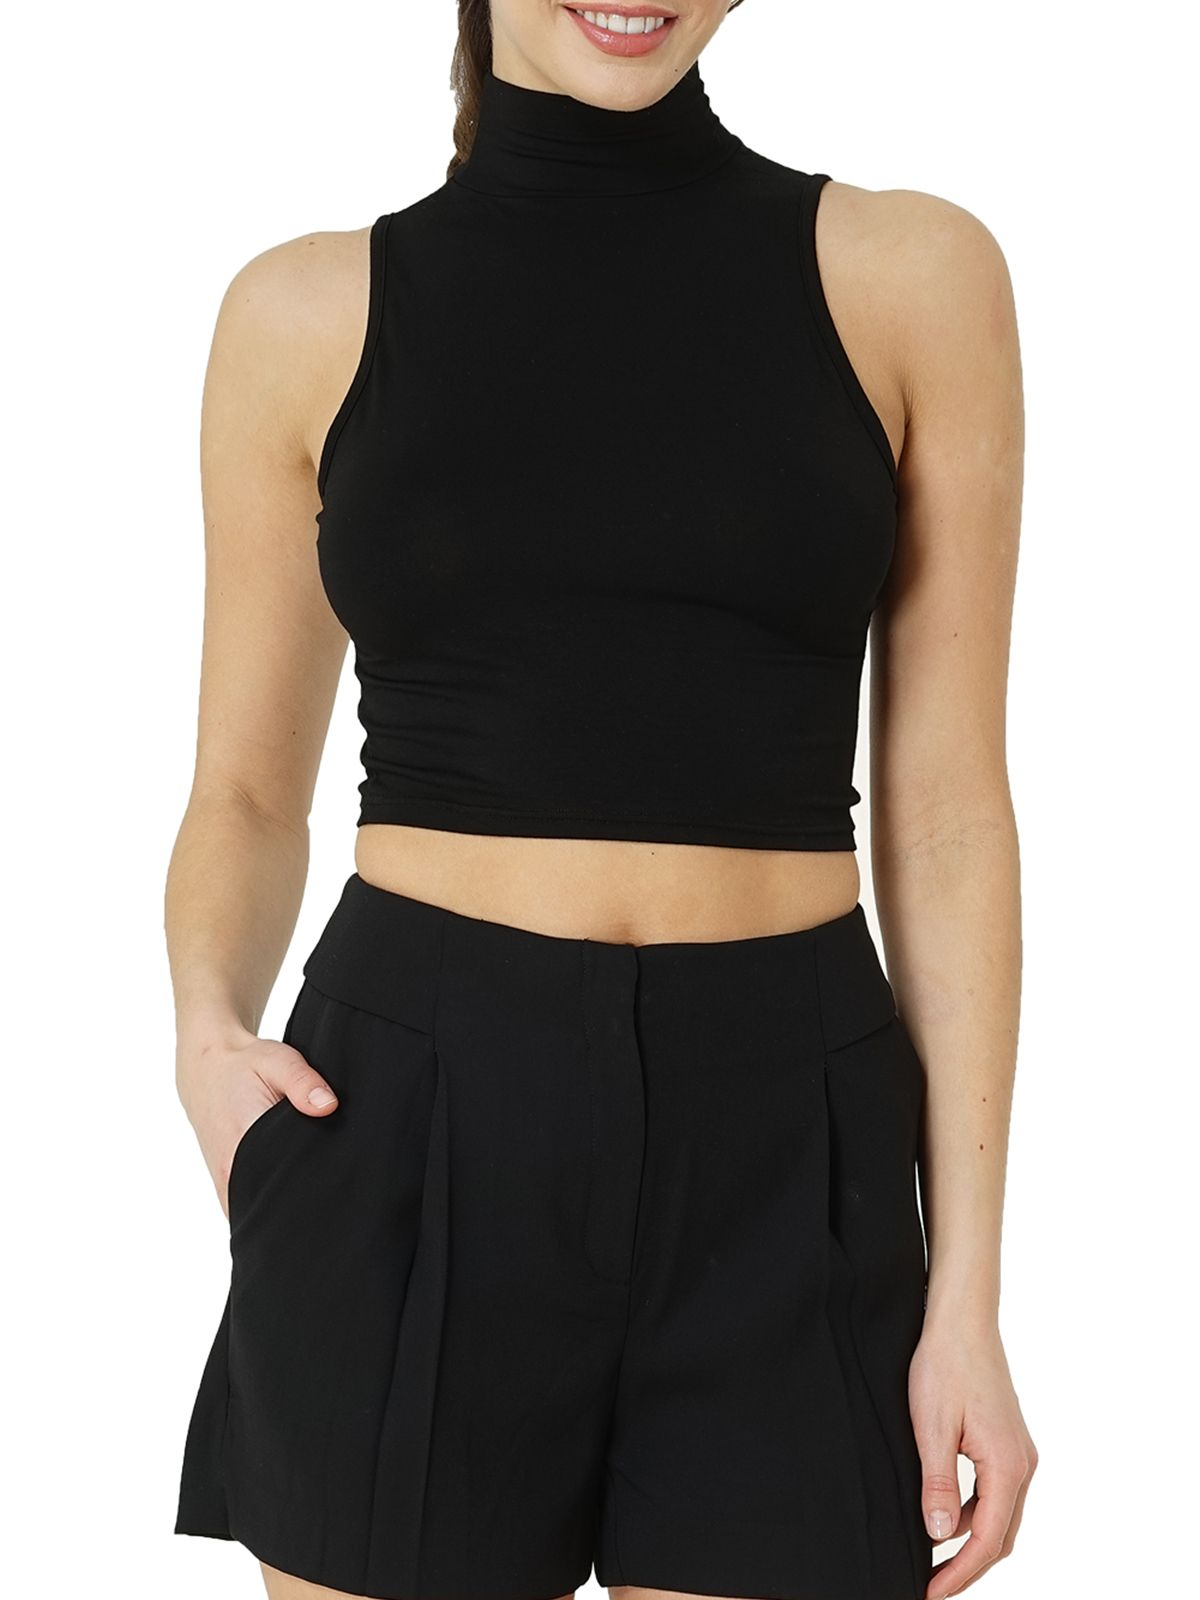 Kefali Crop Top Mandarin Kragen Top Arrow-Ausschnitt Damen Shirt Bauchfrei Top